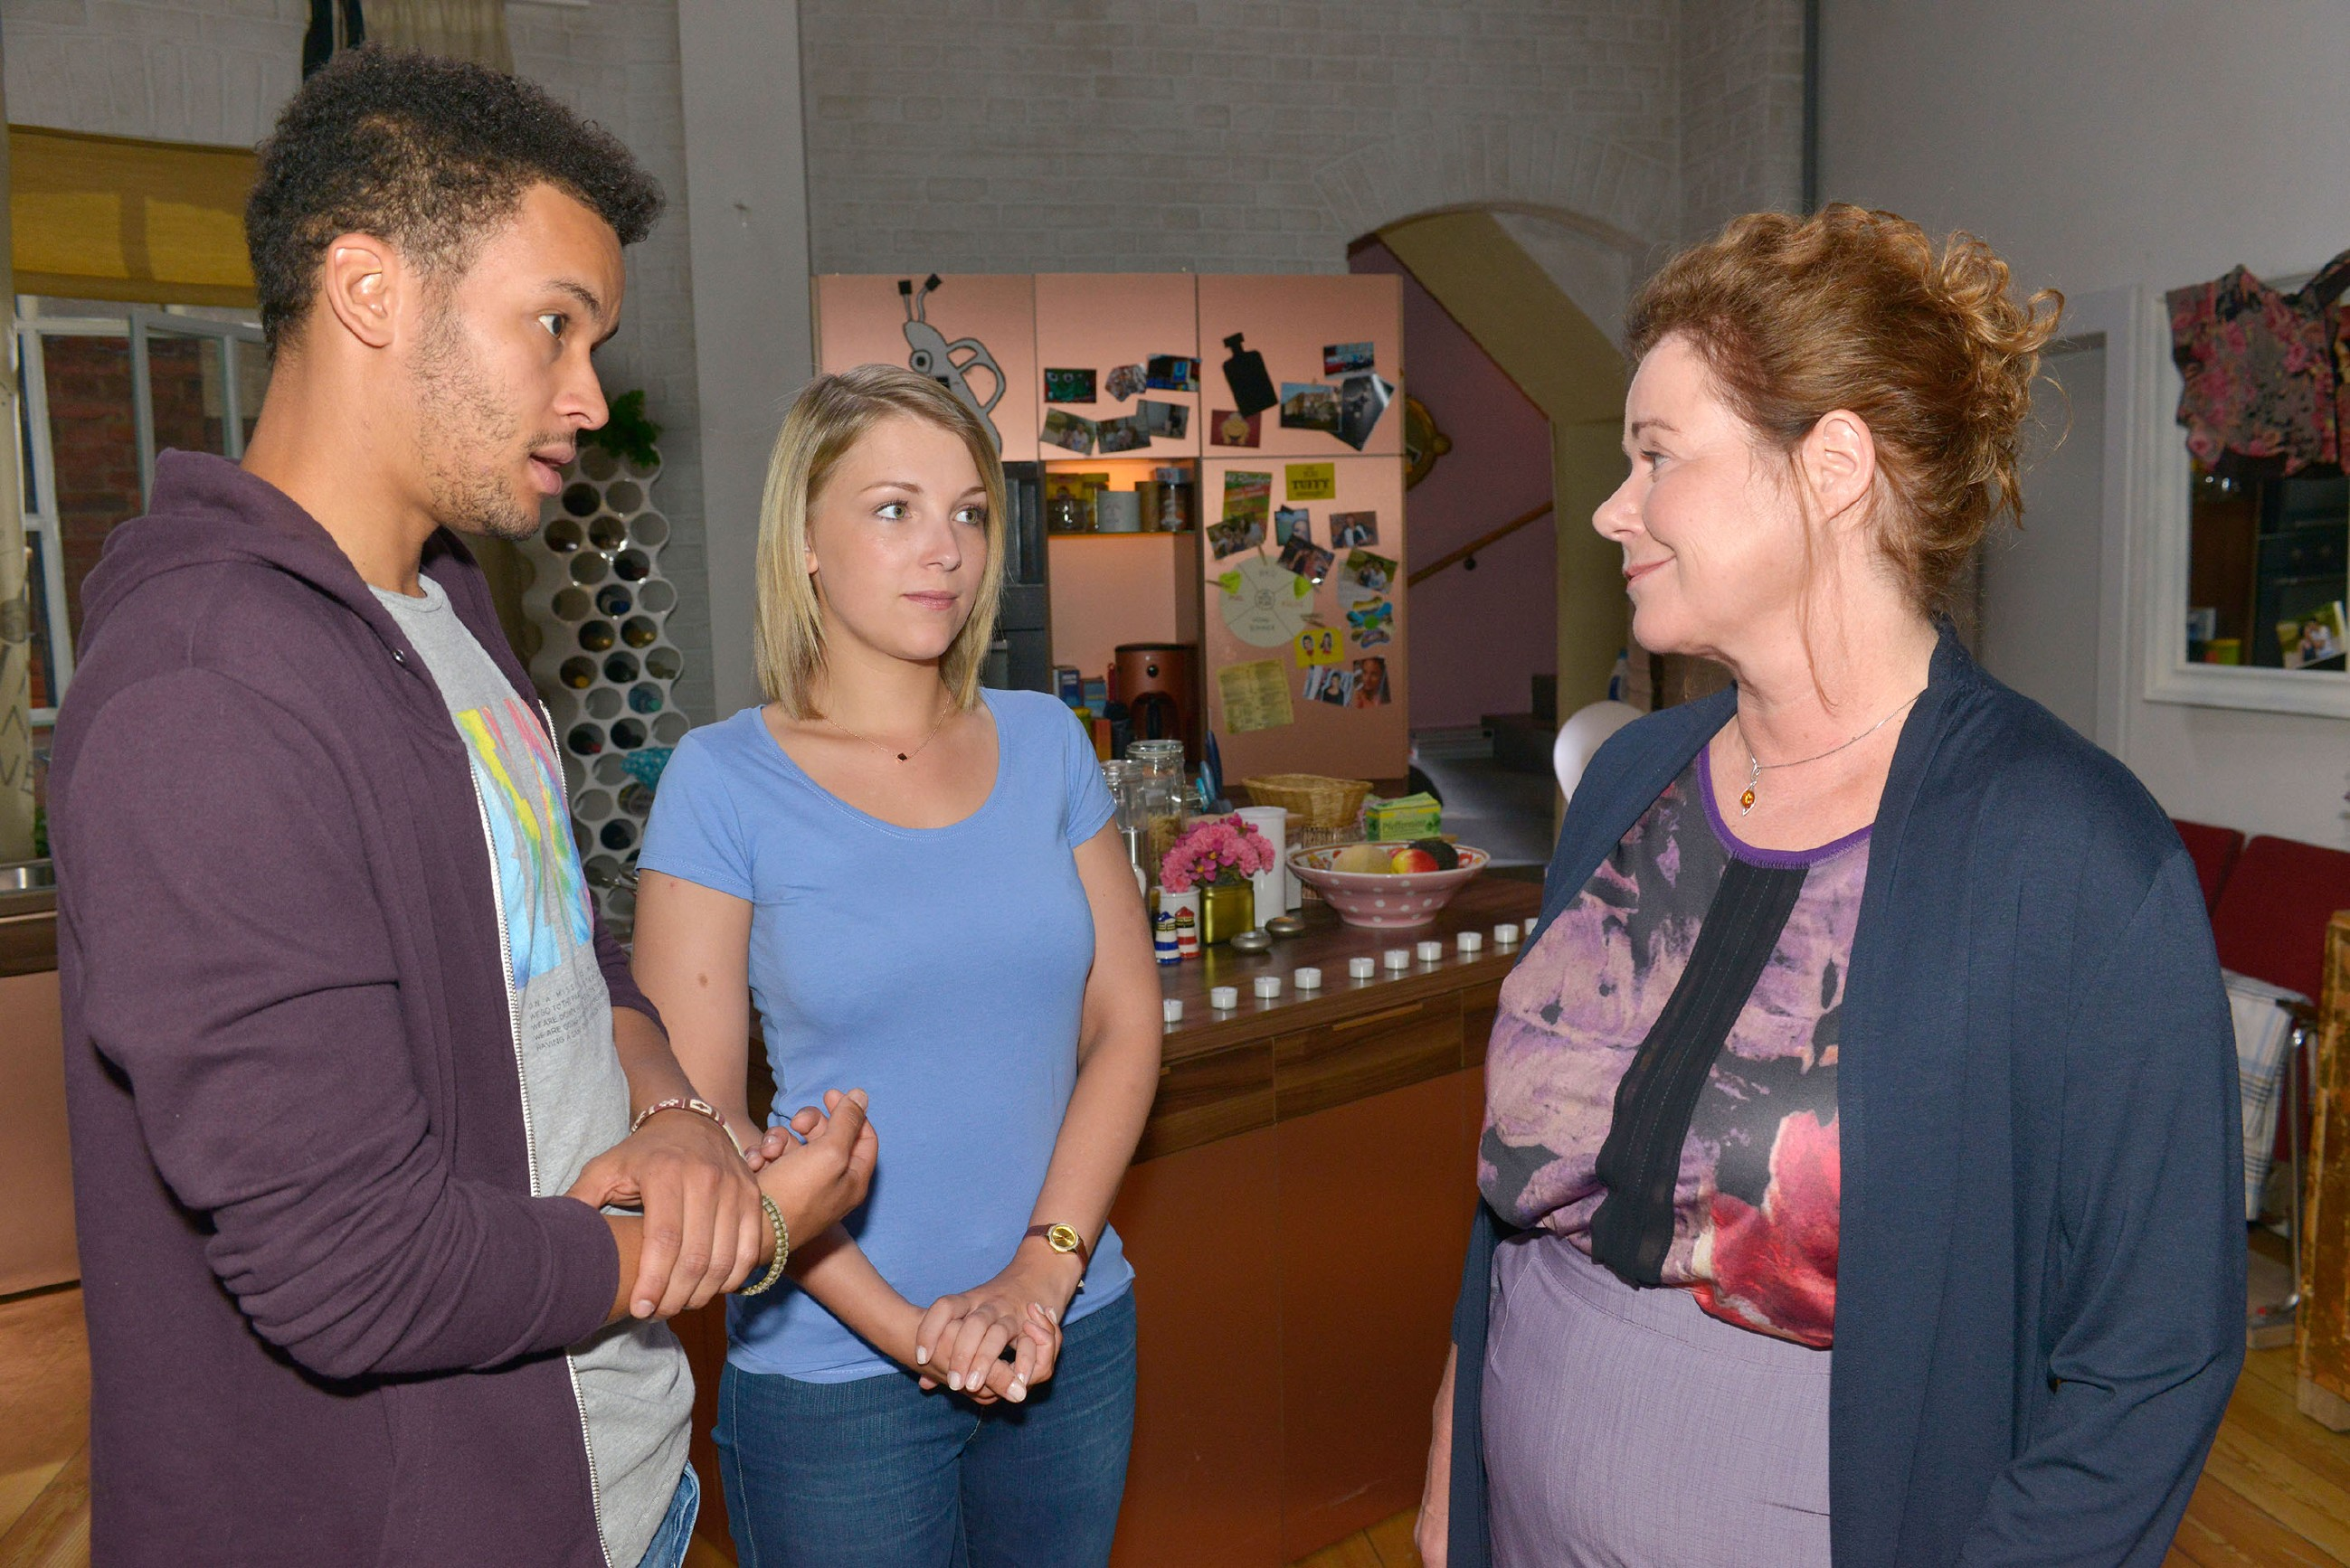 Bärbel Butz (Verena Berger, r.) von der Ausländerbehörde hat den Verdacht, dass Amar (Thando Walbaum) und Lilly (Iris Mareike Steen) ein Paar sind. (Quelle: RTL / Rolf Baumgartner)